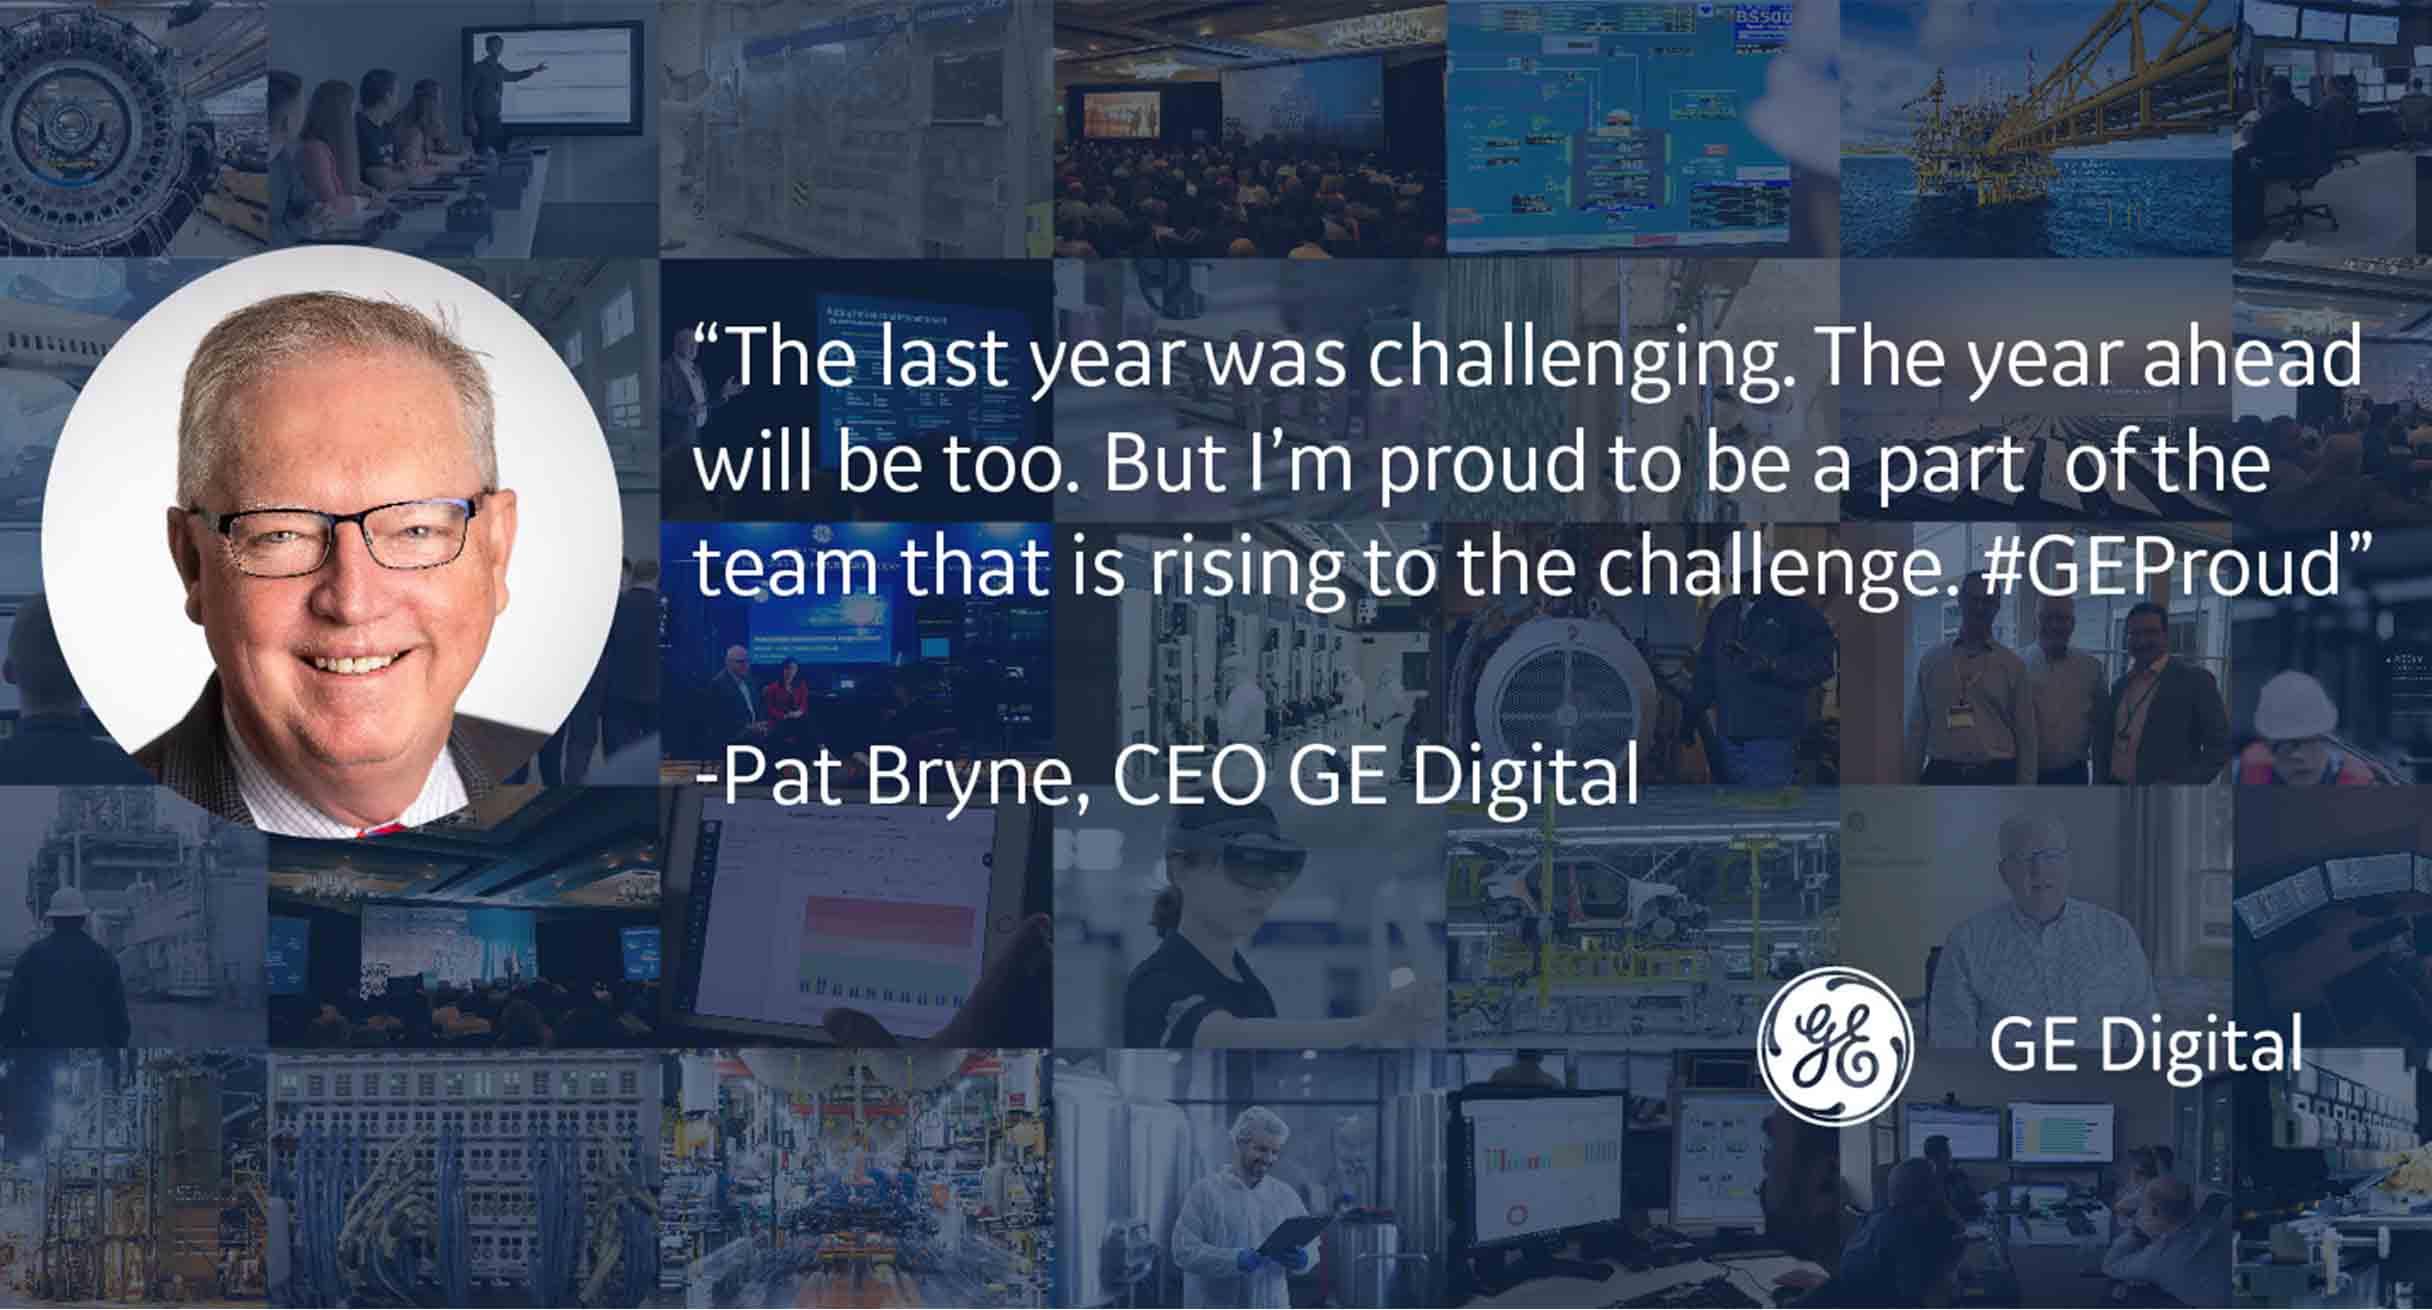 Pat Byrne, GE Digital CEO, summarizing first year